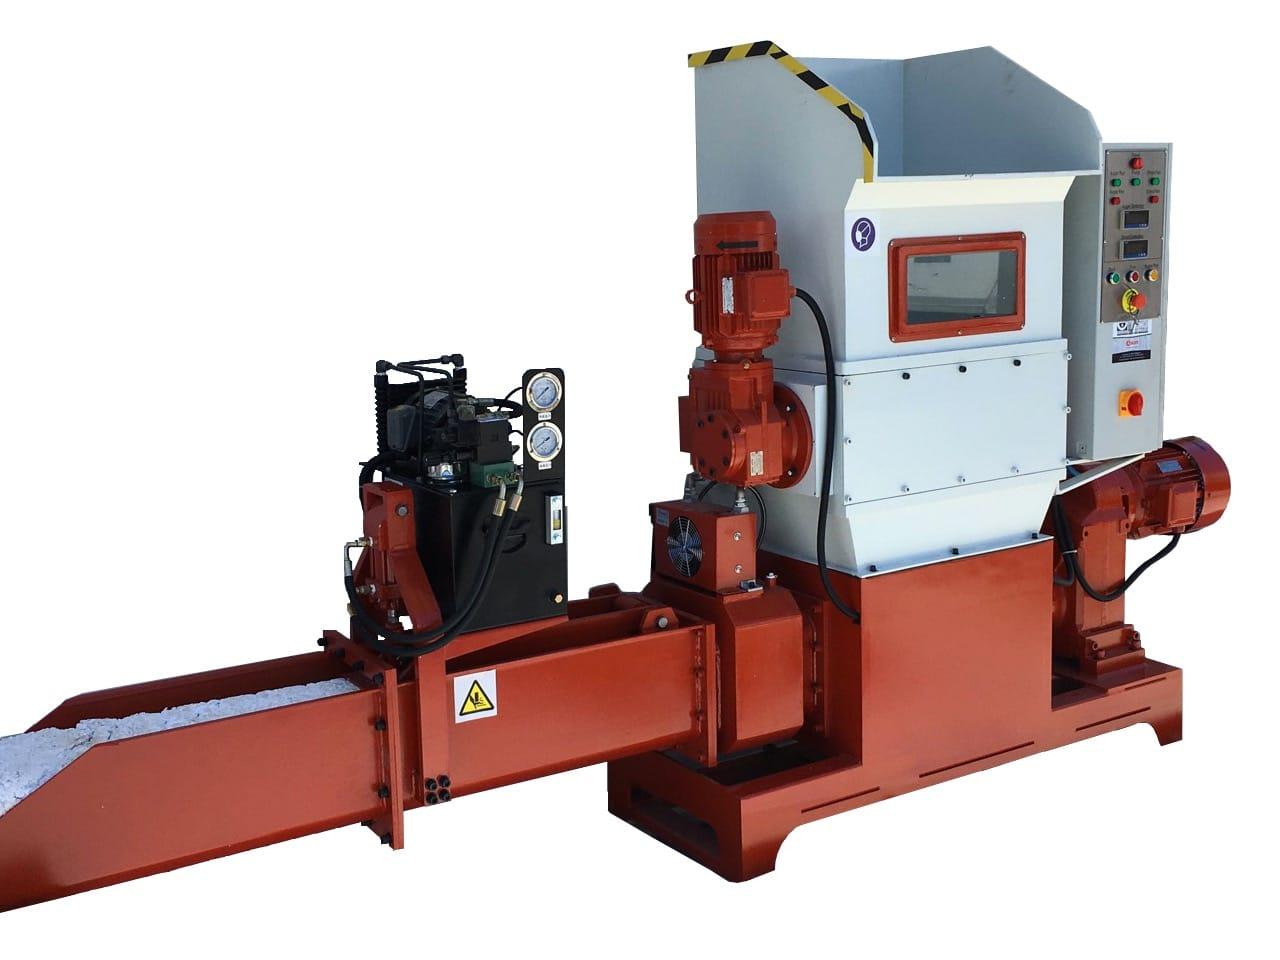 COMPATTATORE DI EPS (POLISTIROLO) ECOMAKK Modello CP250, Produzione 70-100 Kg/h, Norme CE.